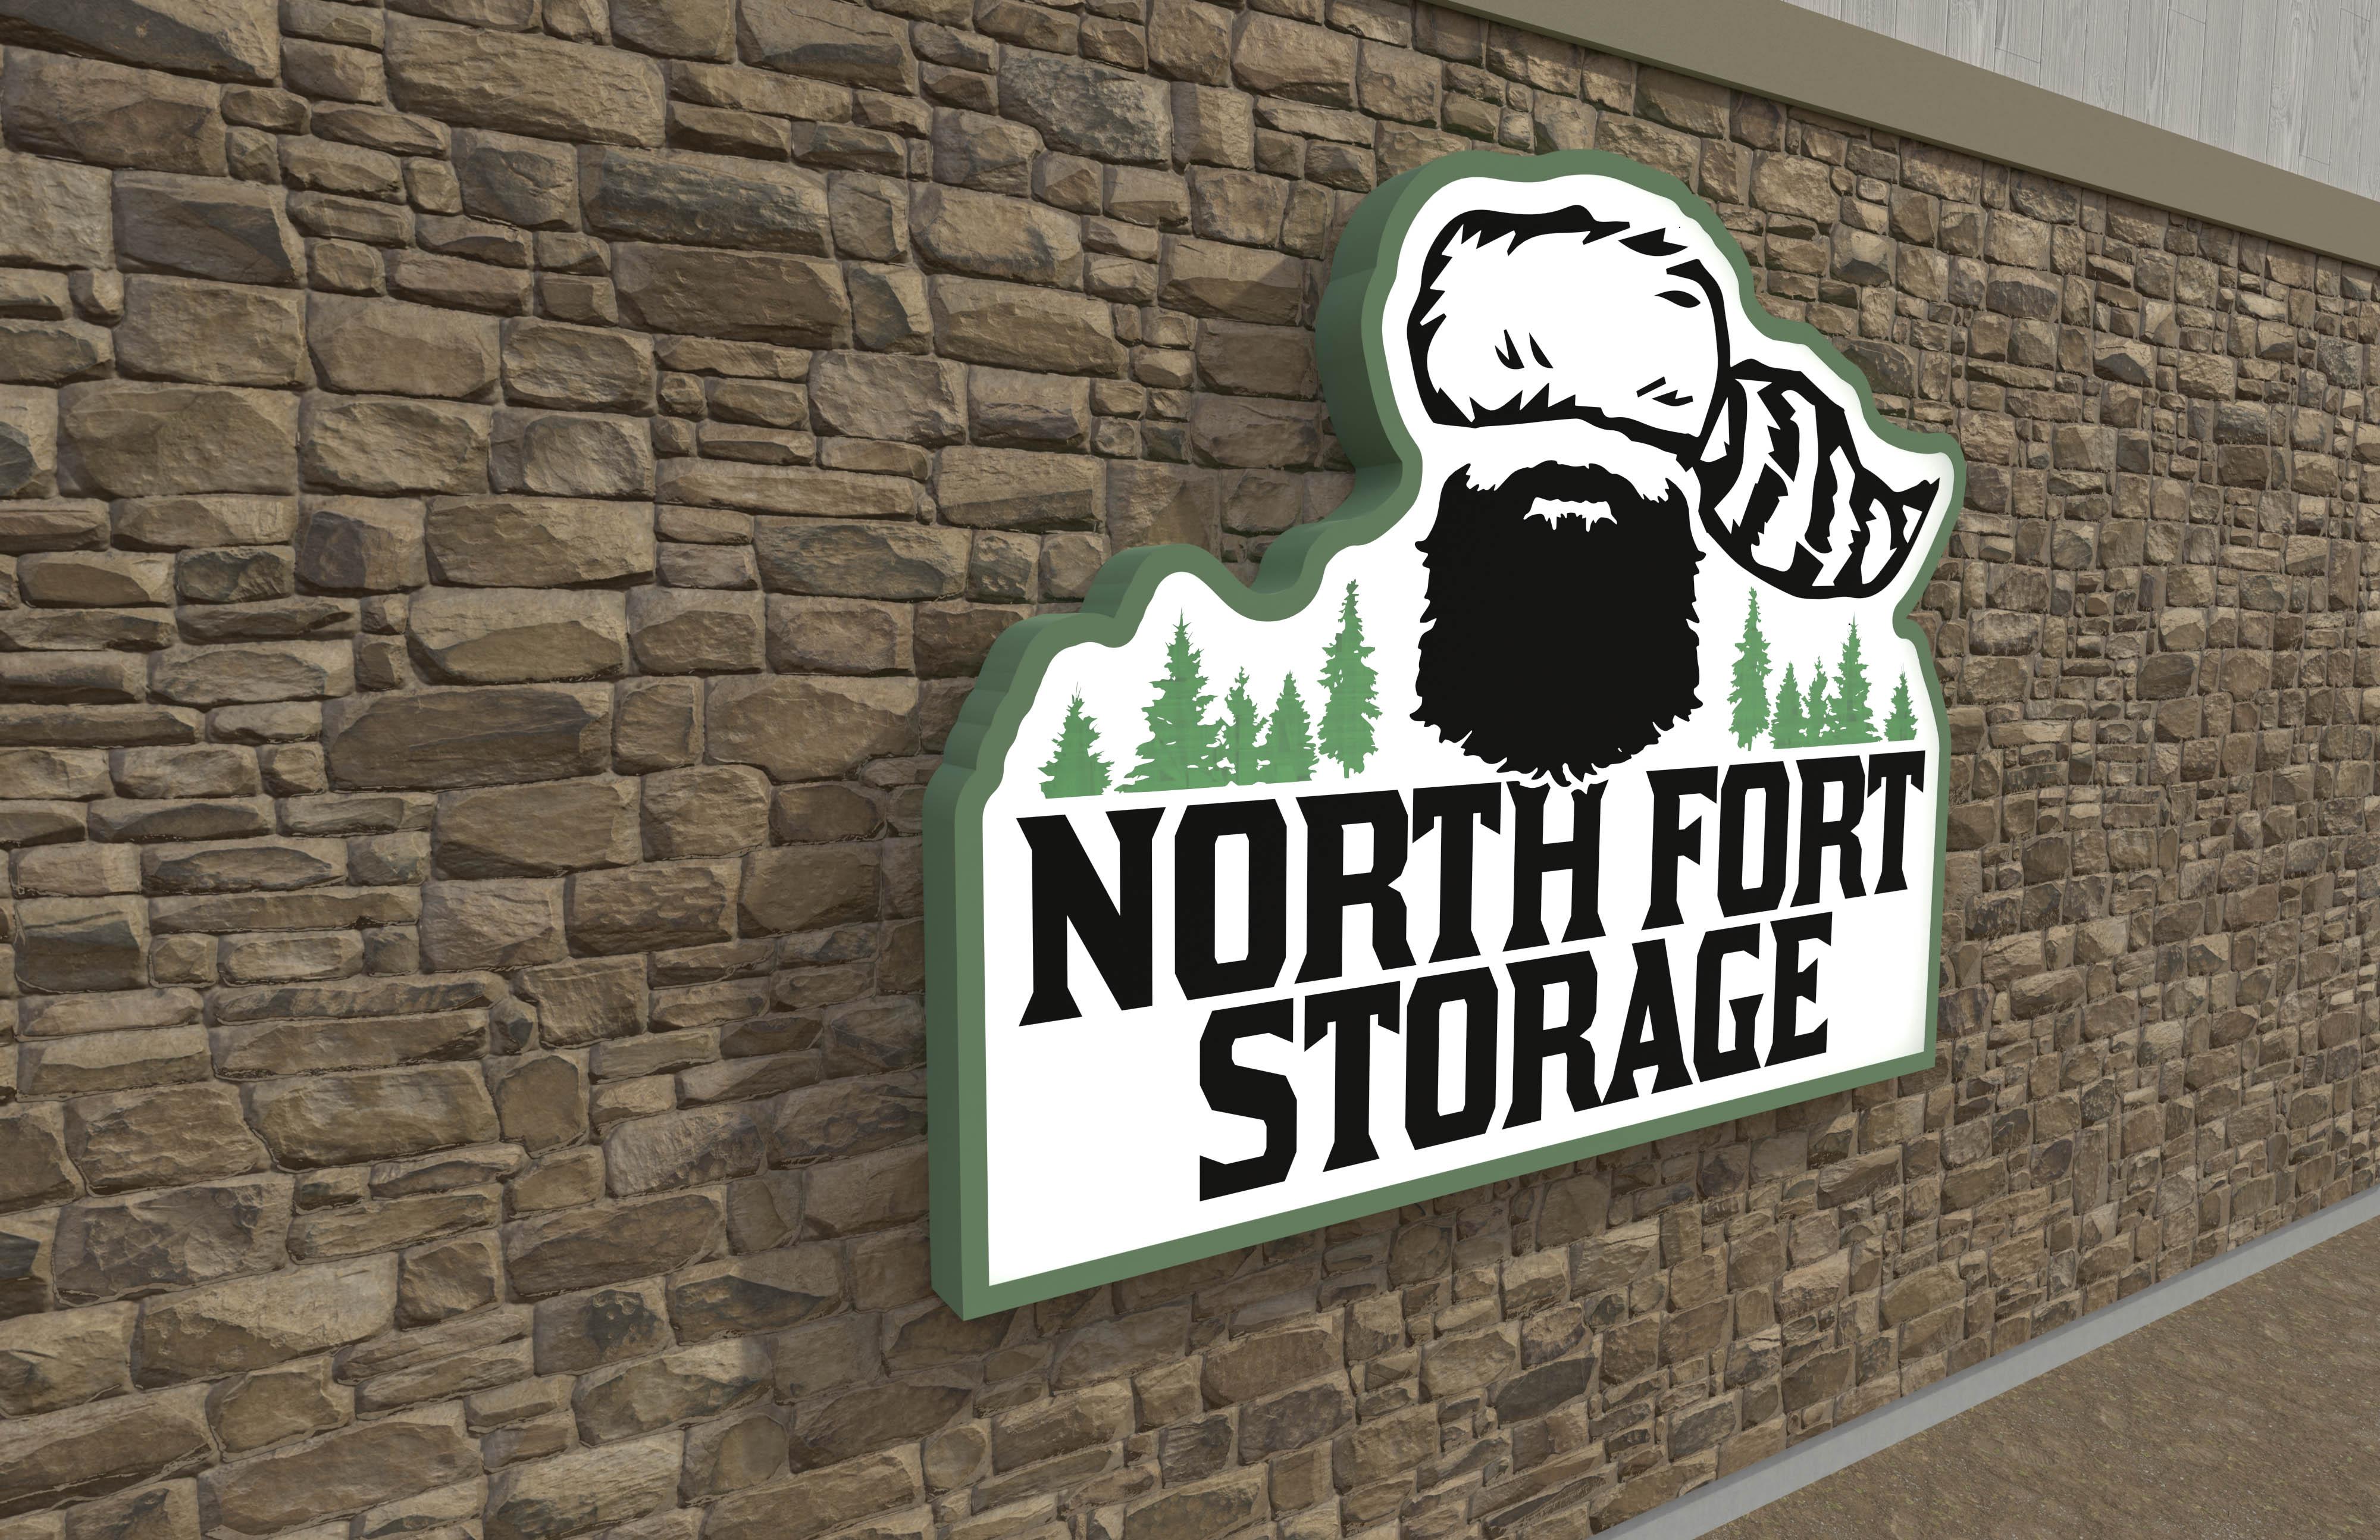 3D Render: North Fort Storage